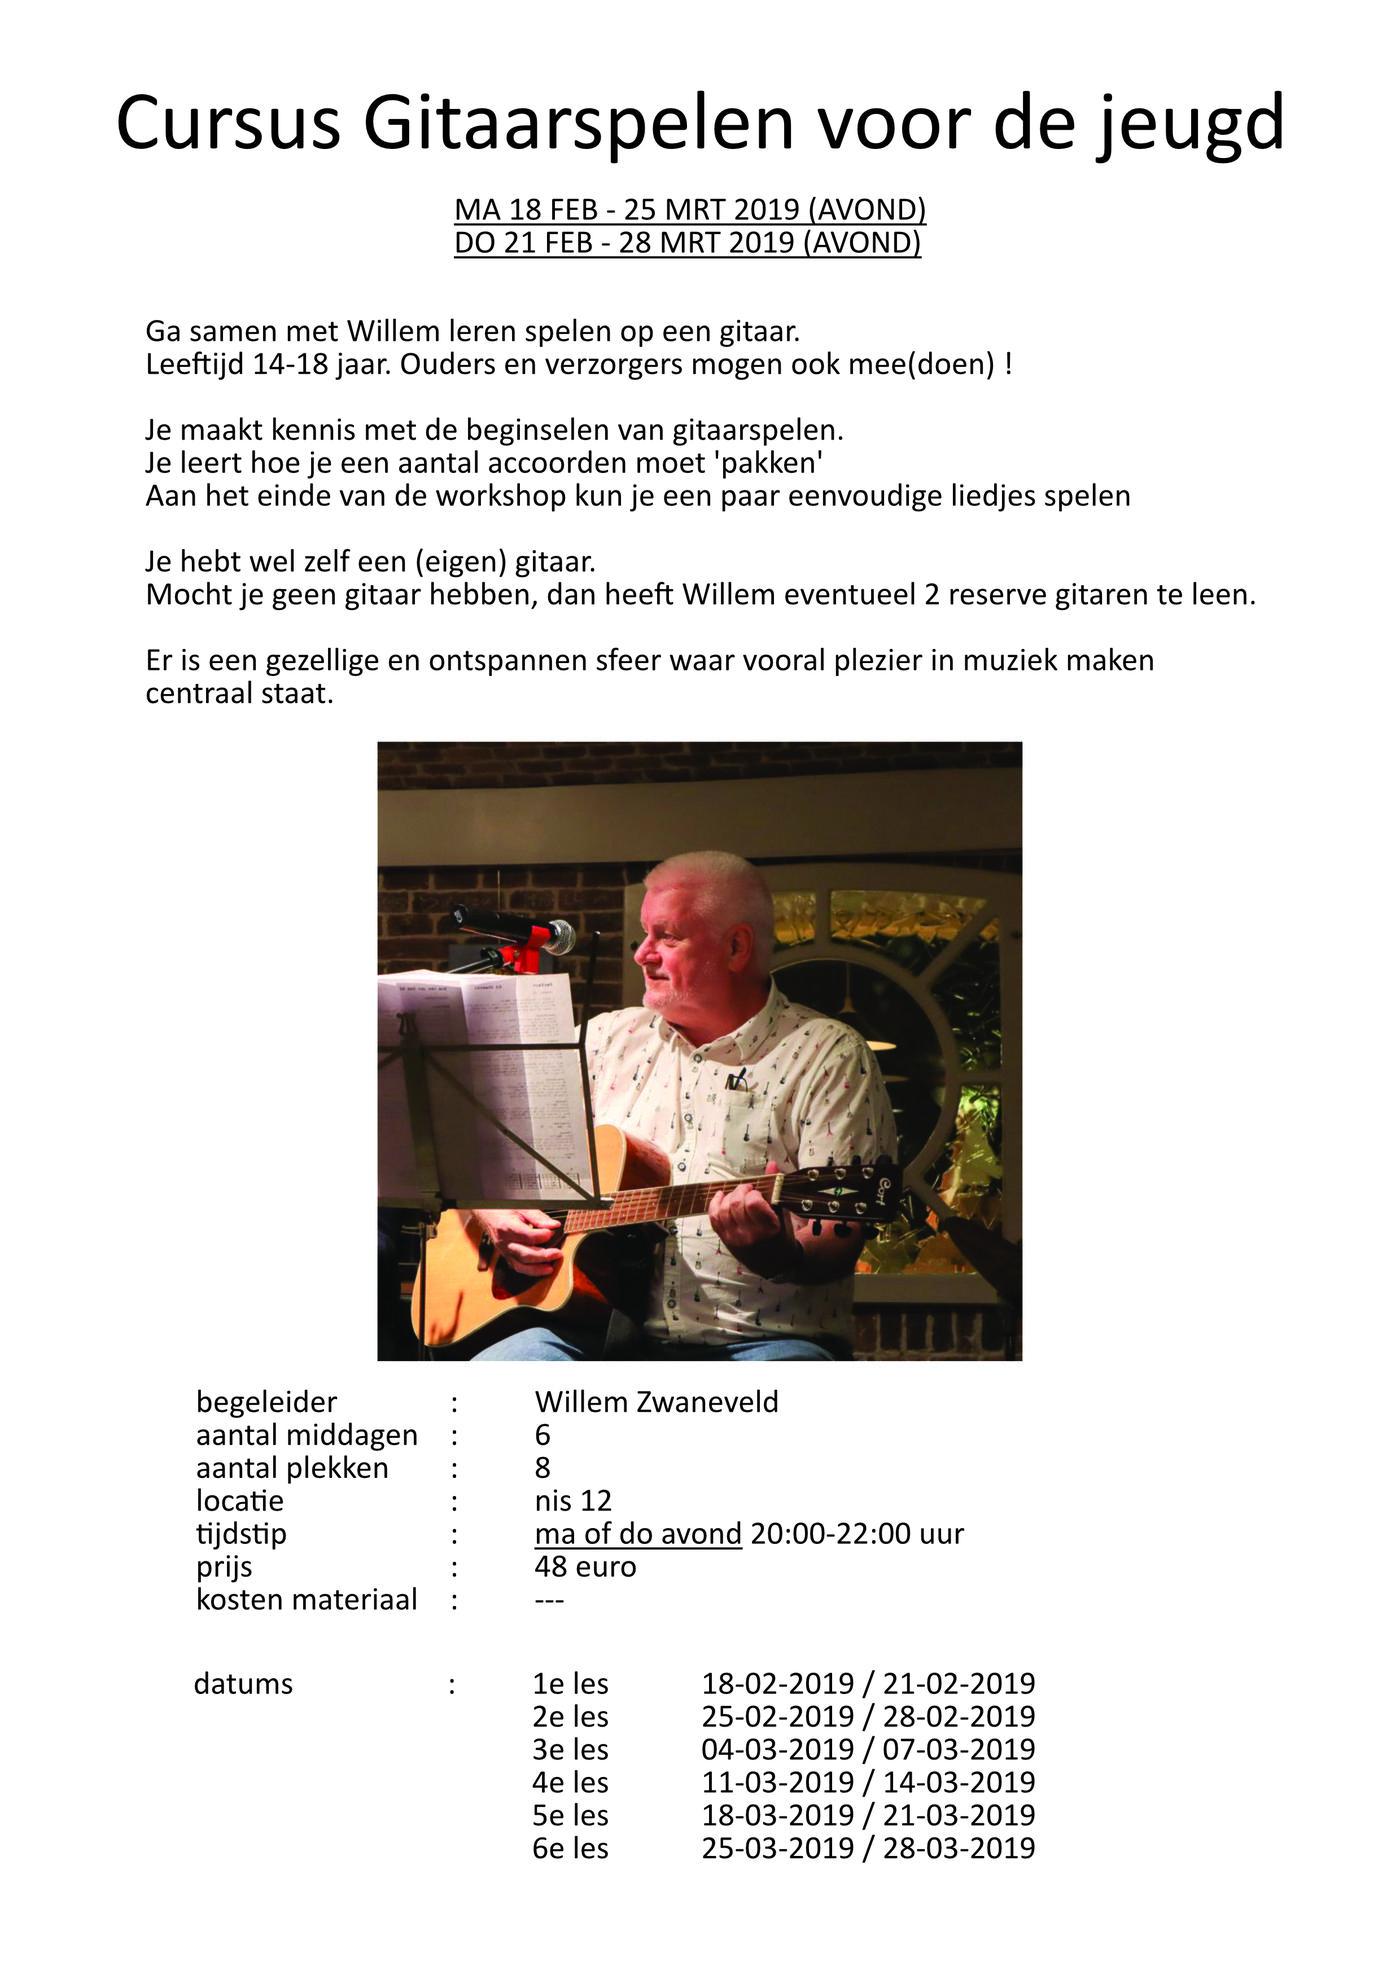 cursus_gitaarspelen_voor_de_jeugd2019.jpg